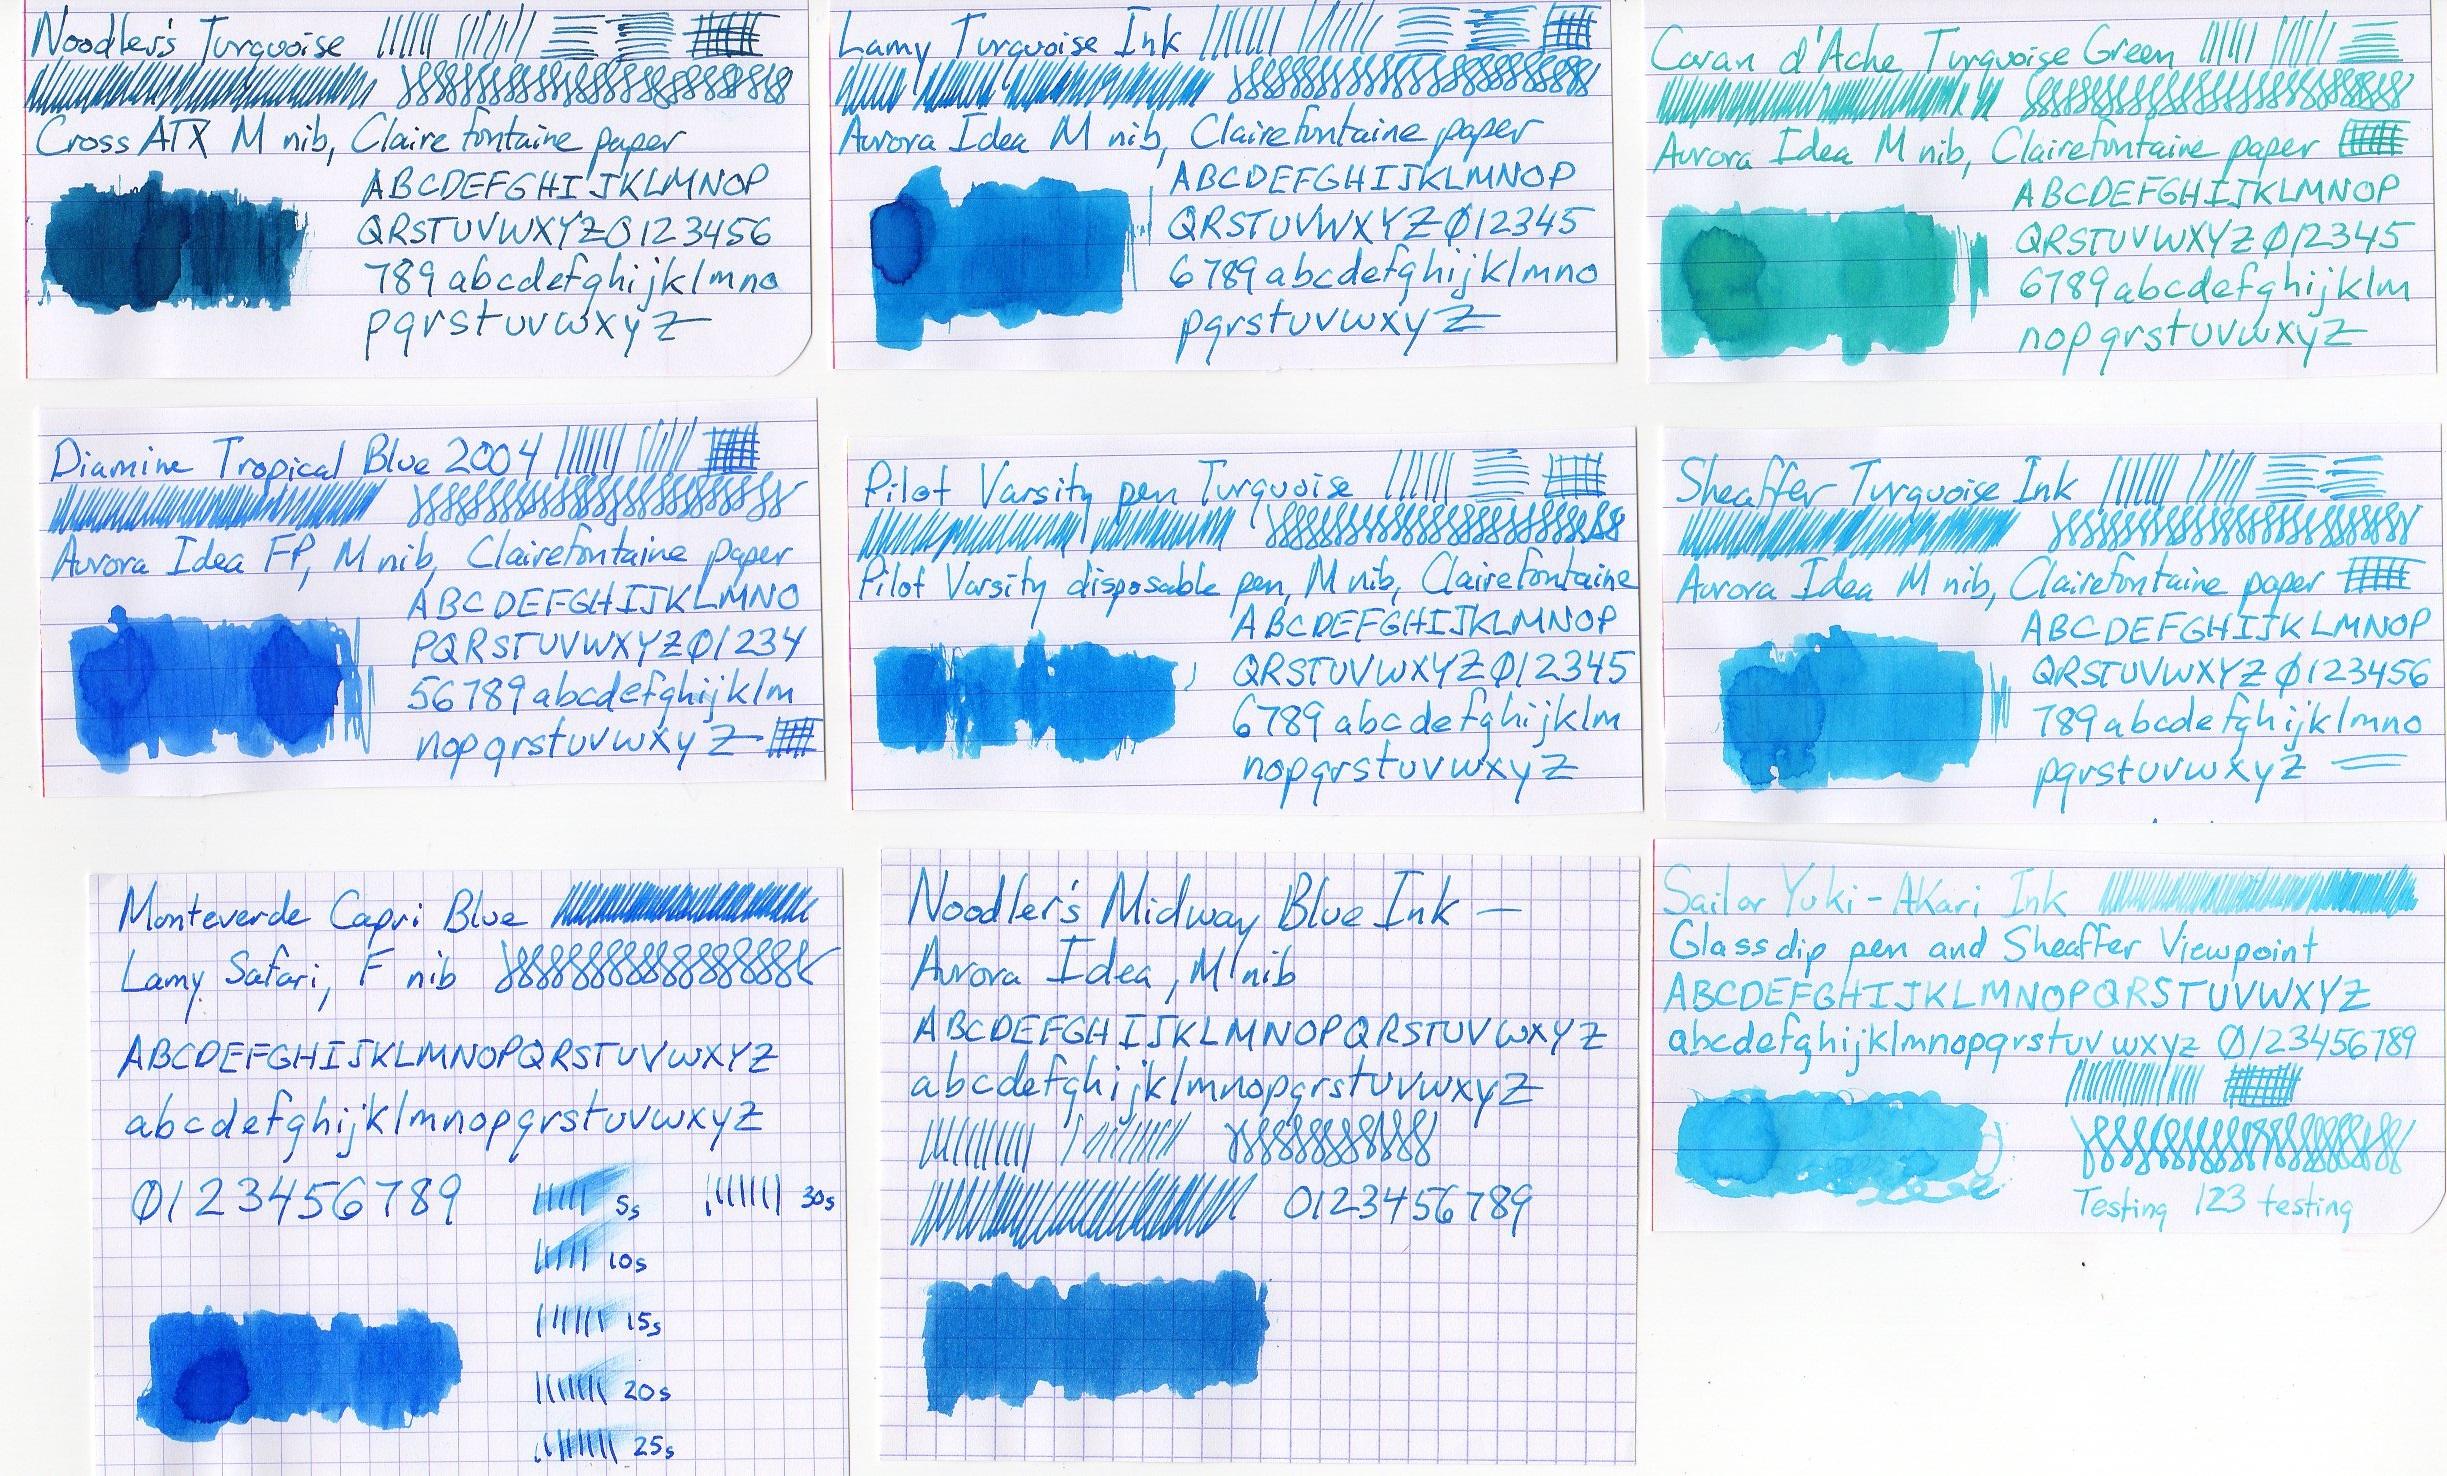 fpn_1489112494__turquoise_survey.jpg